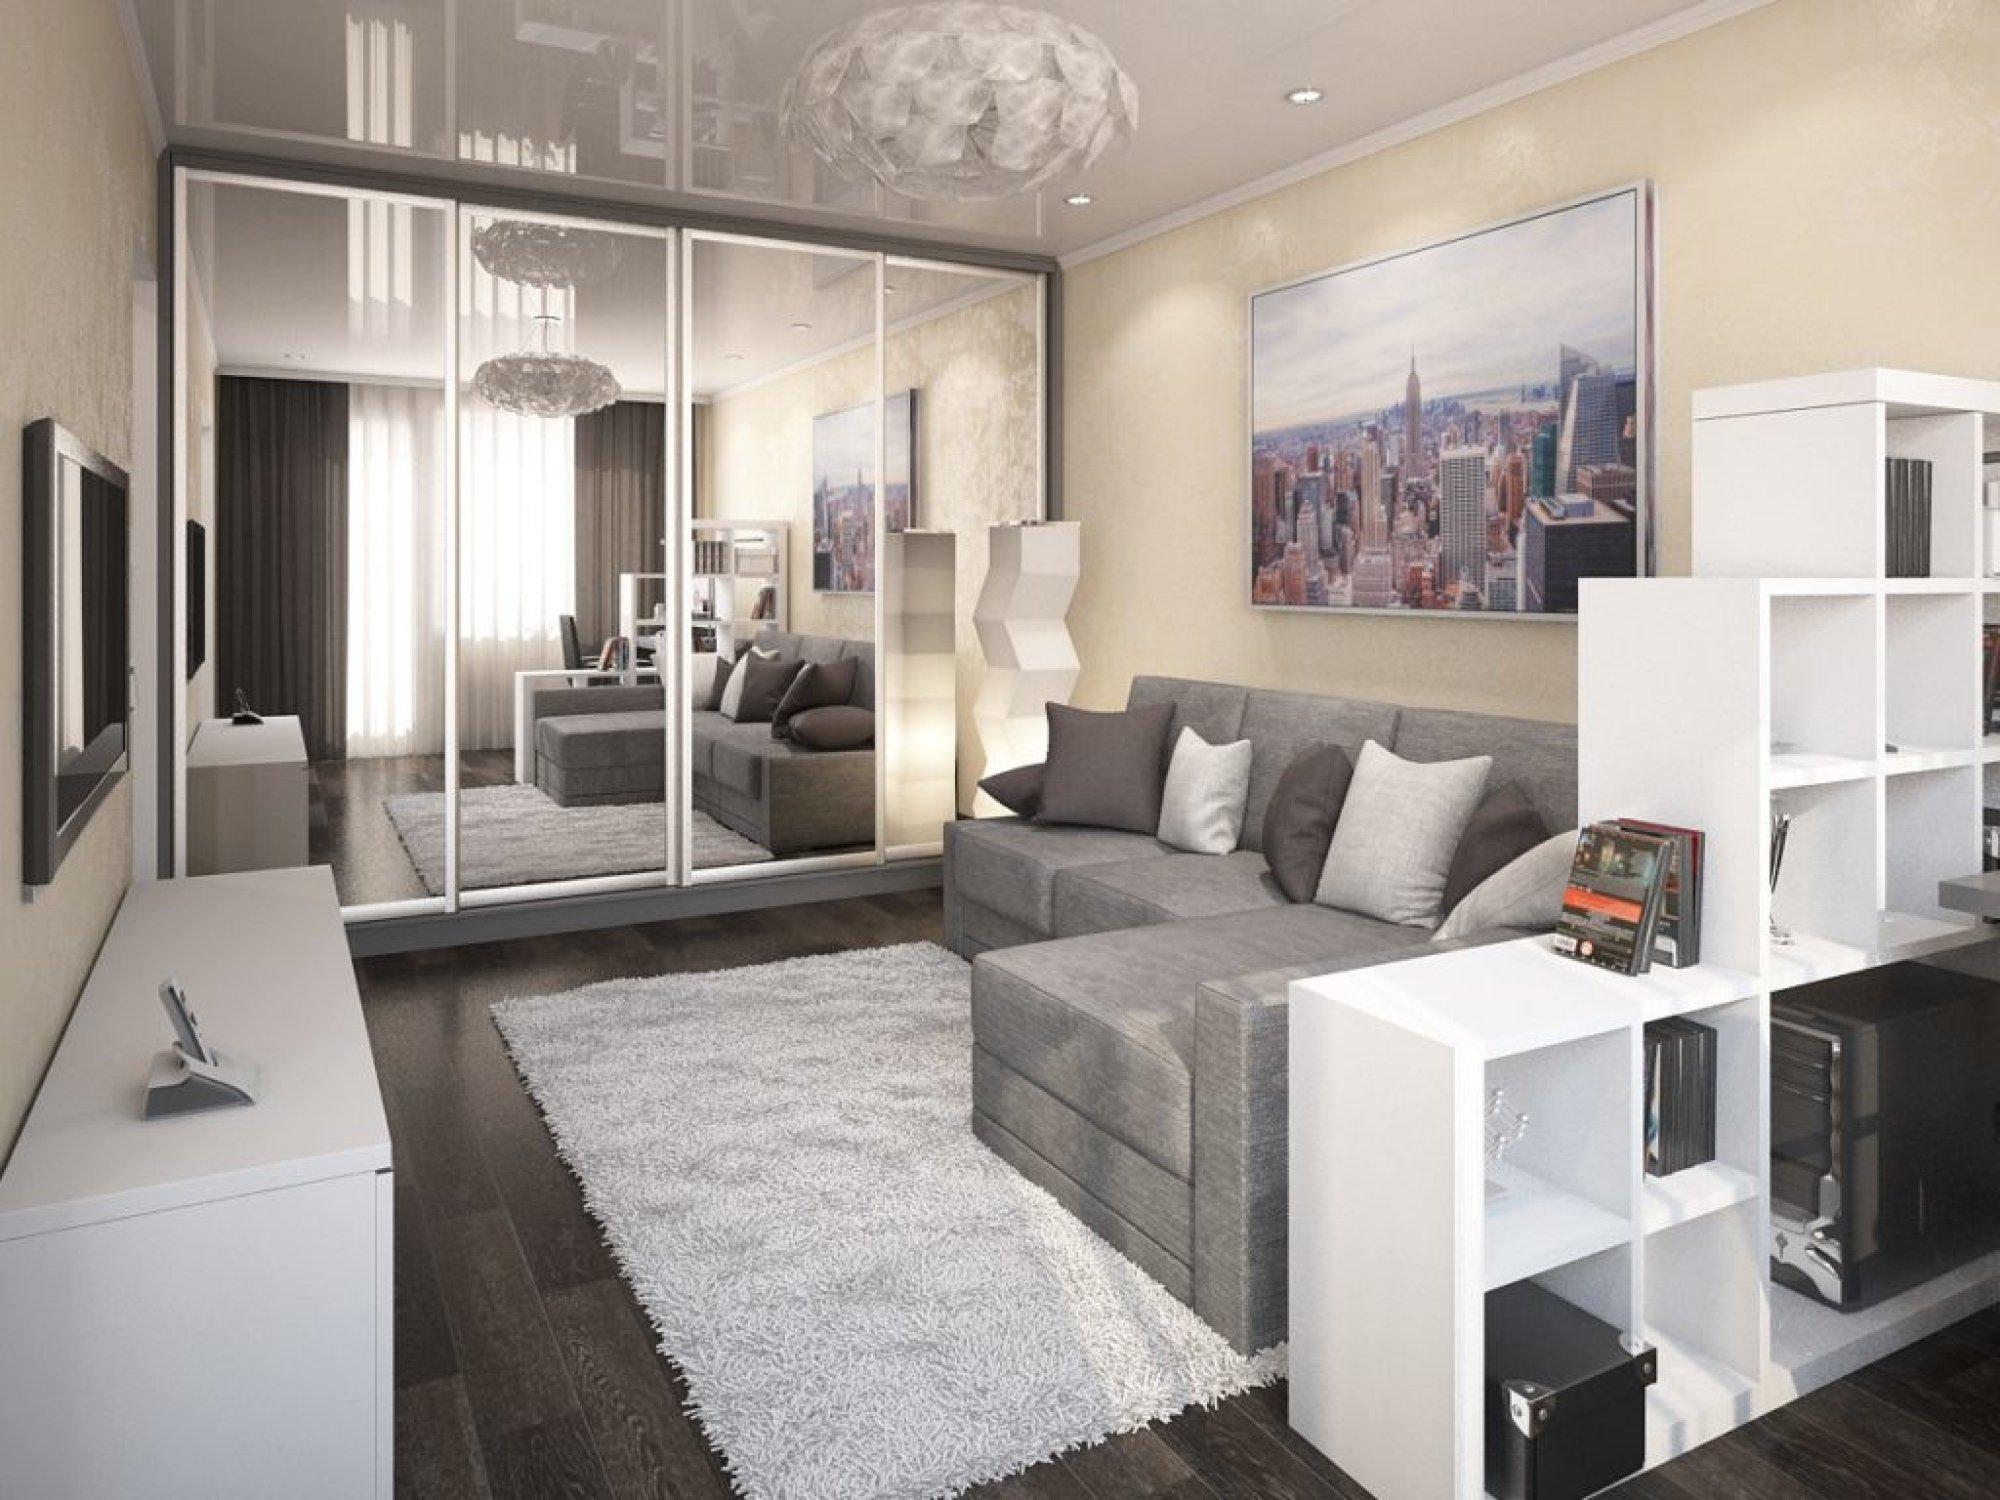 всего мероприятия дизайн однокомнатной квартиры для пятерых фото варианты